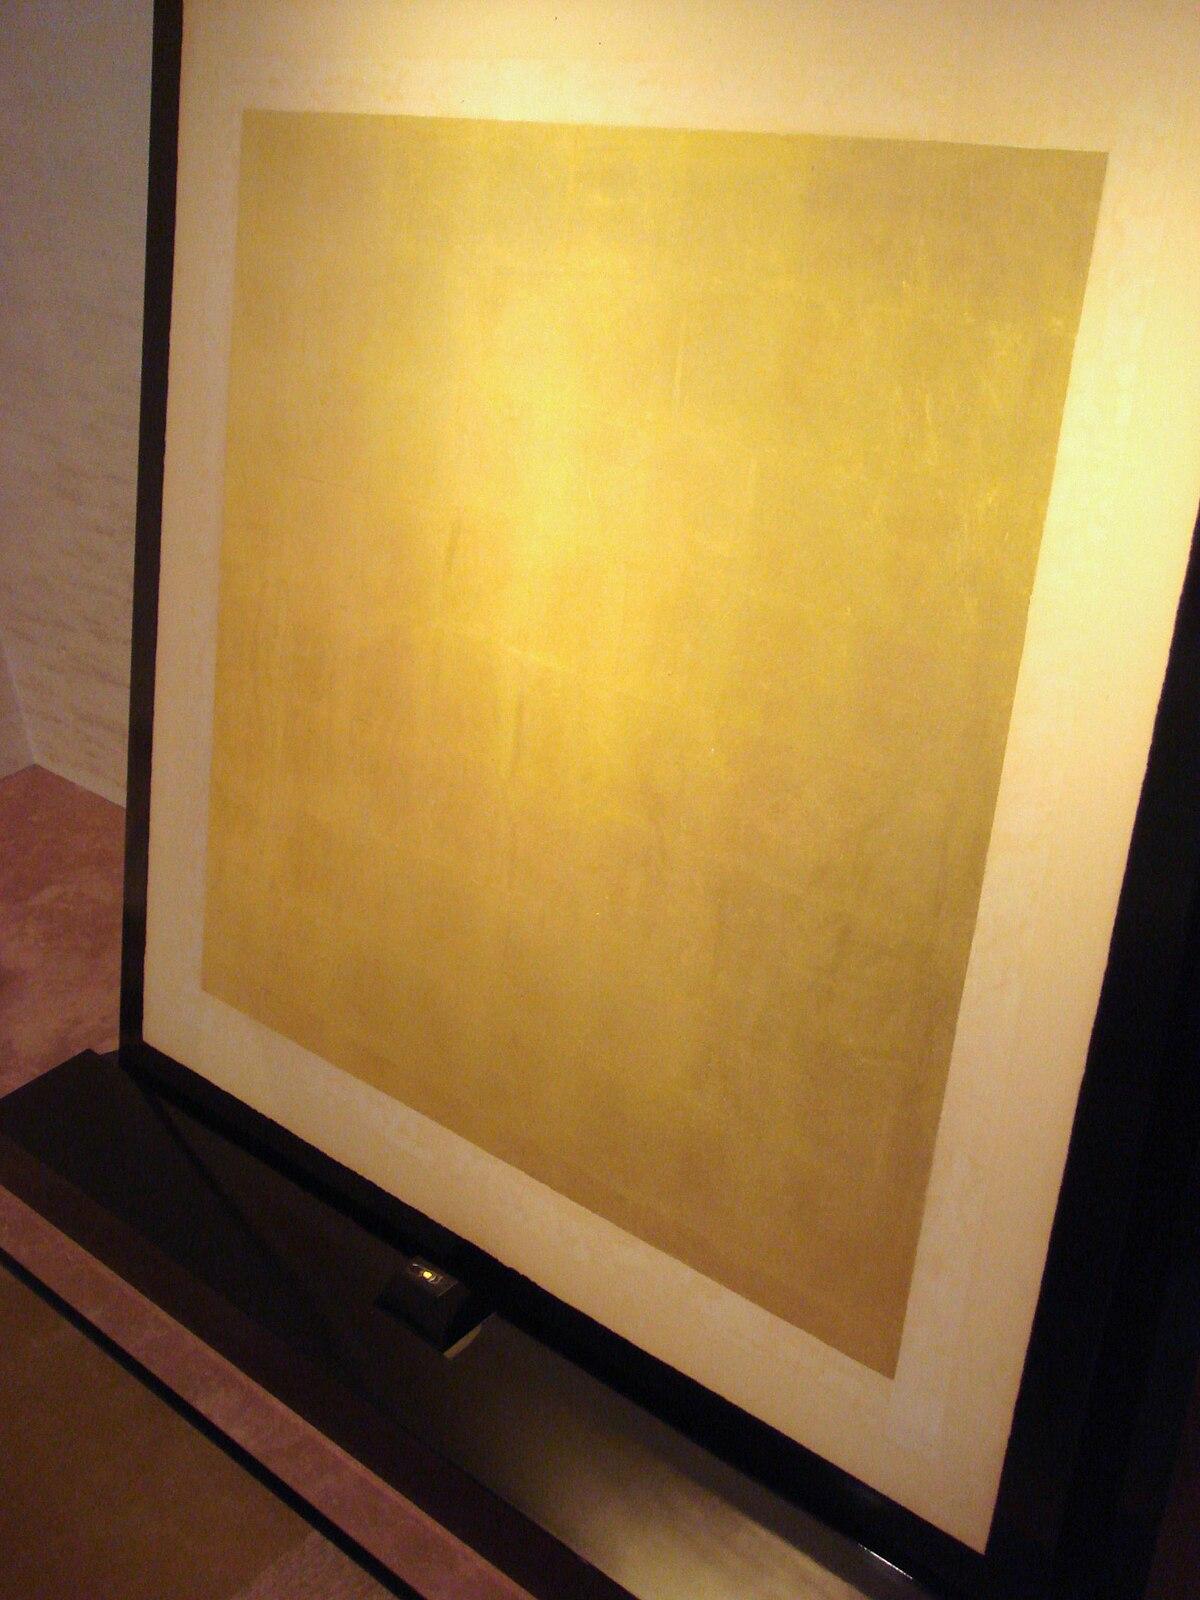 Gold leaf sheet